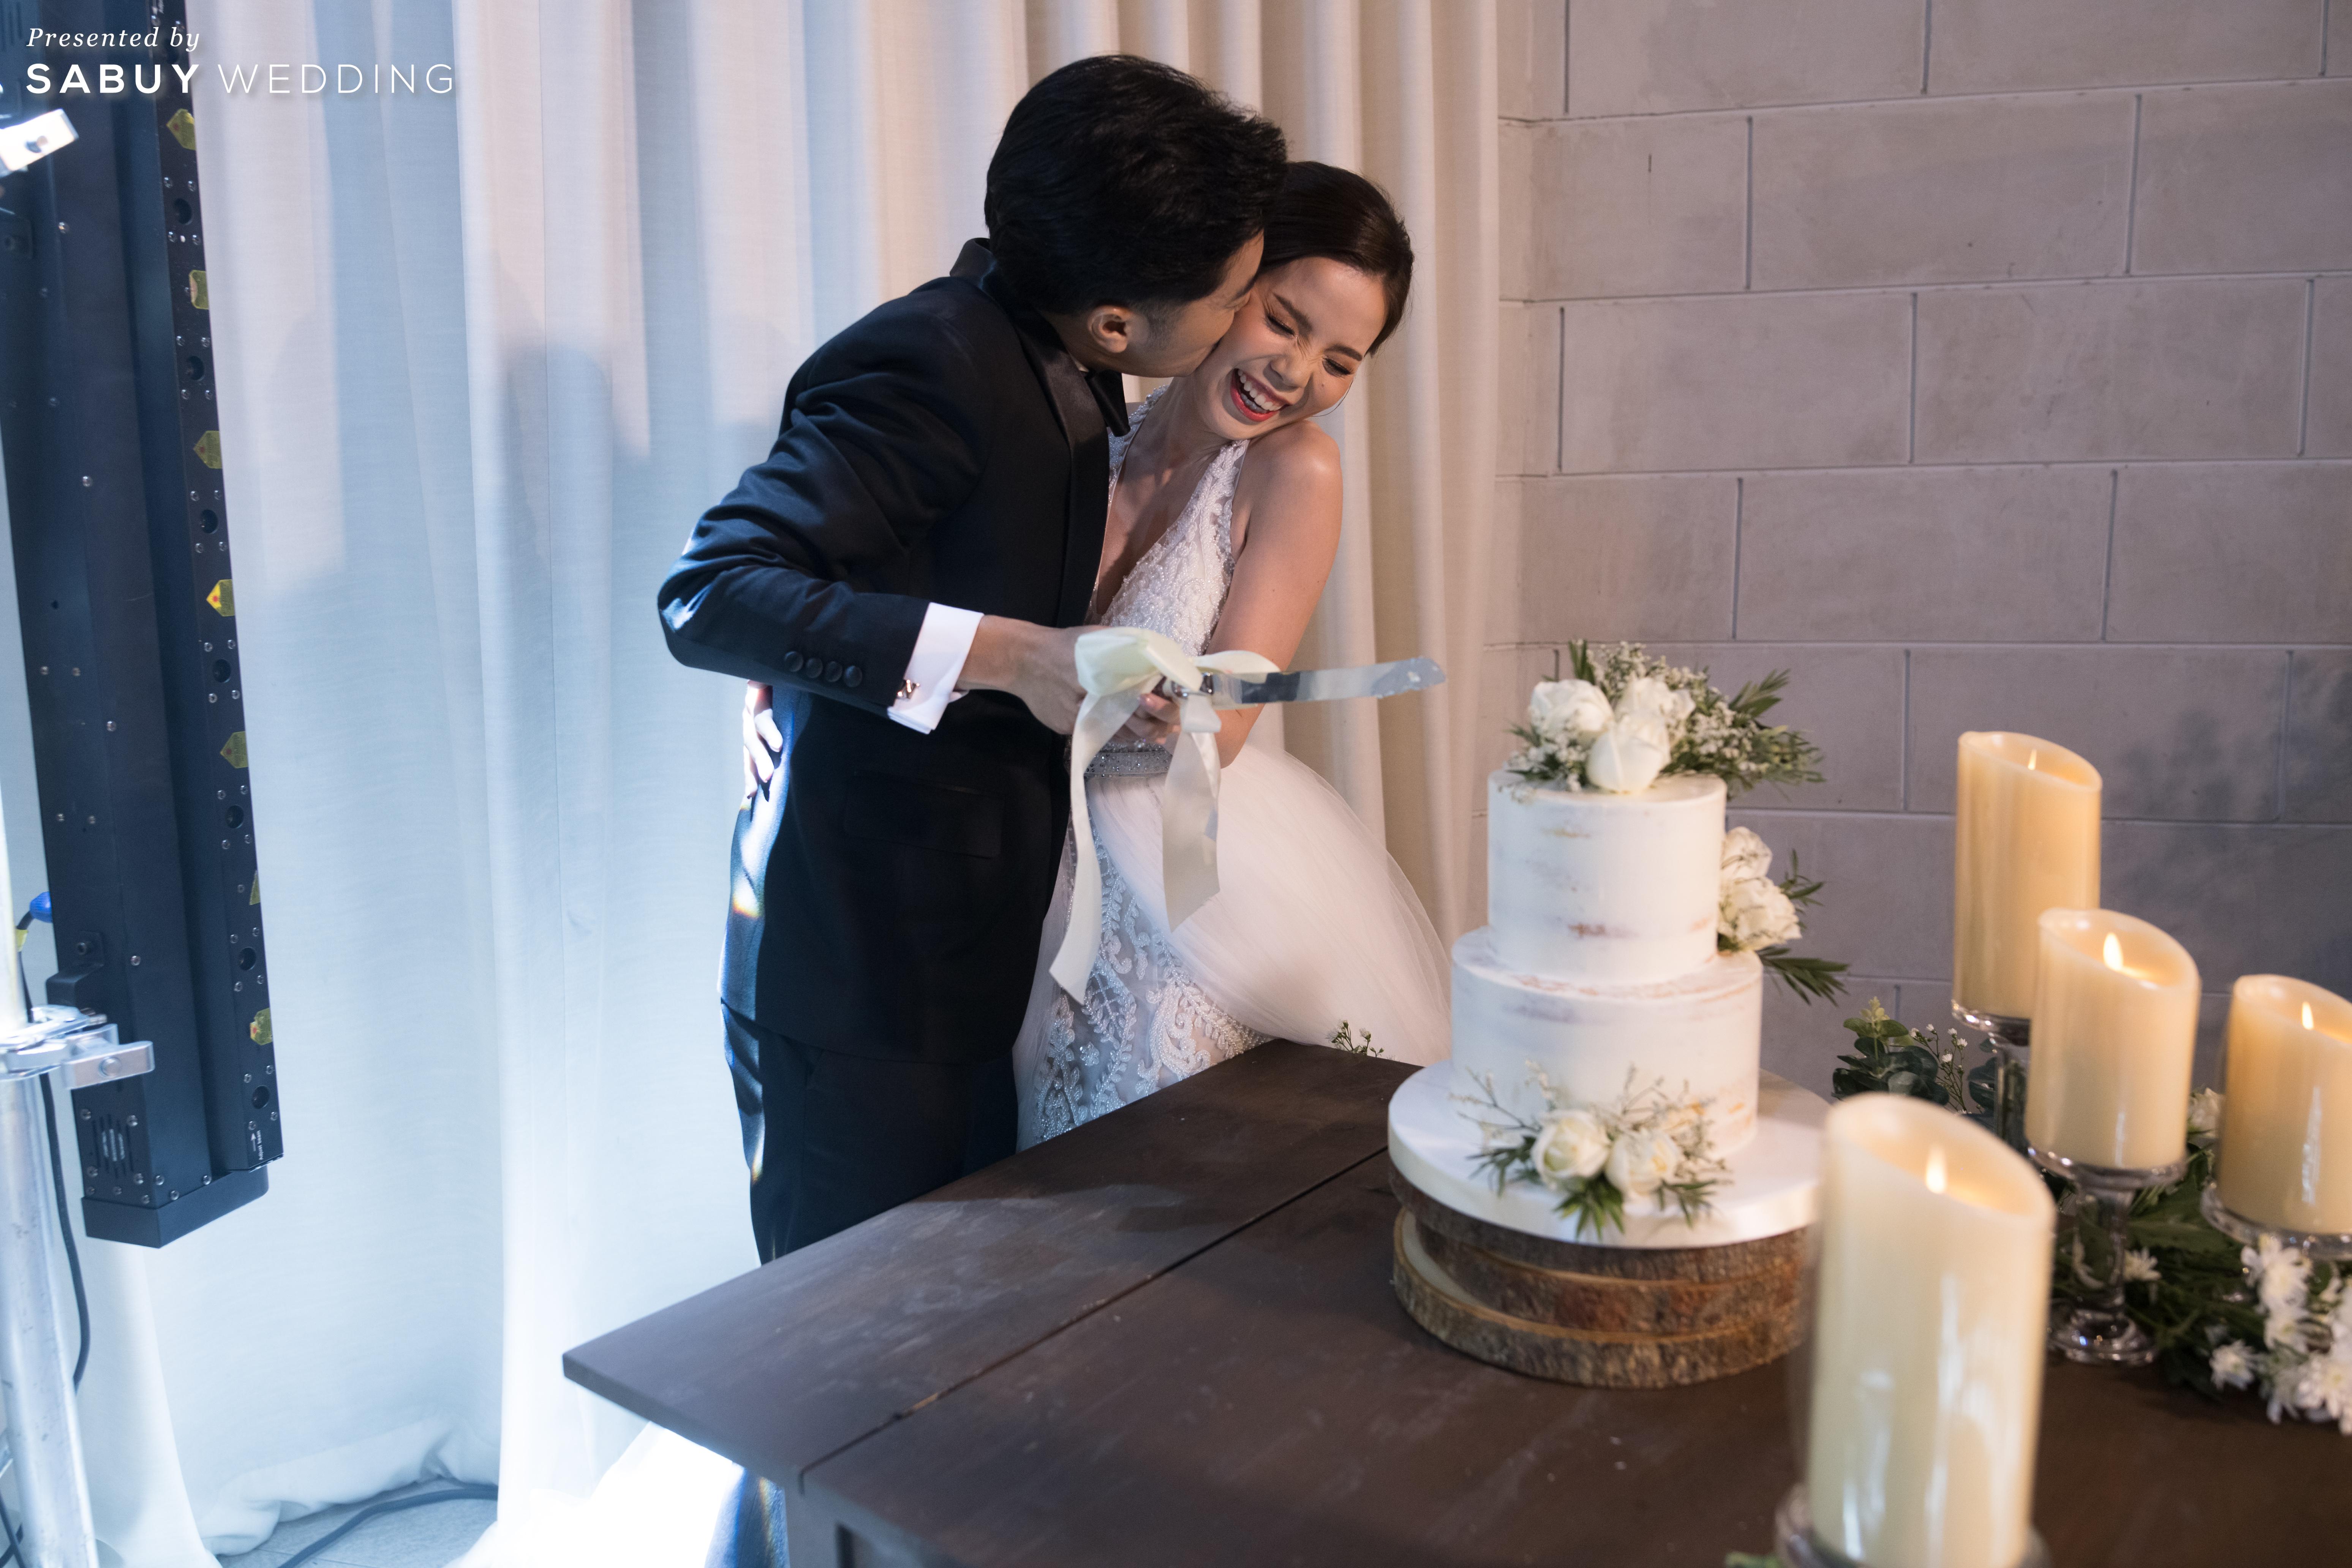 เค้กแต่งงาน รีวิวงานแต่งสุดชิค สวยมีกิมมิค ดู Timeless @ VARAVELA